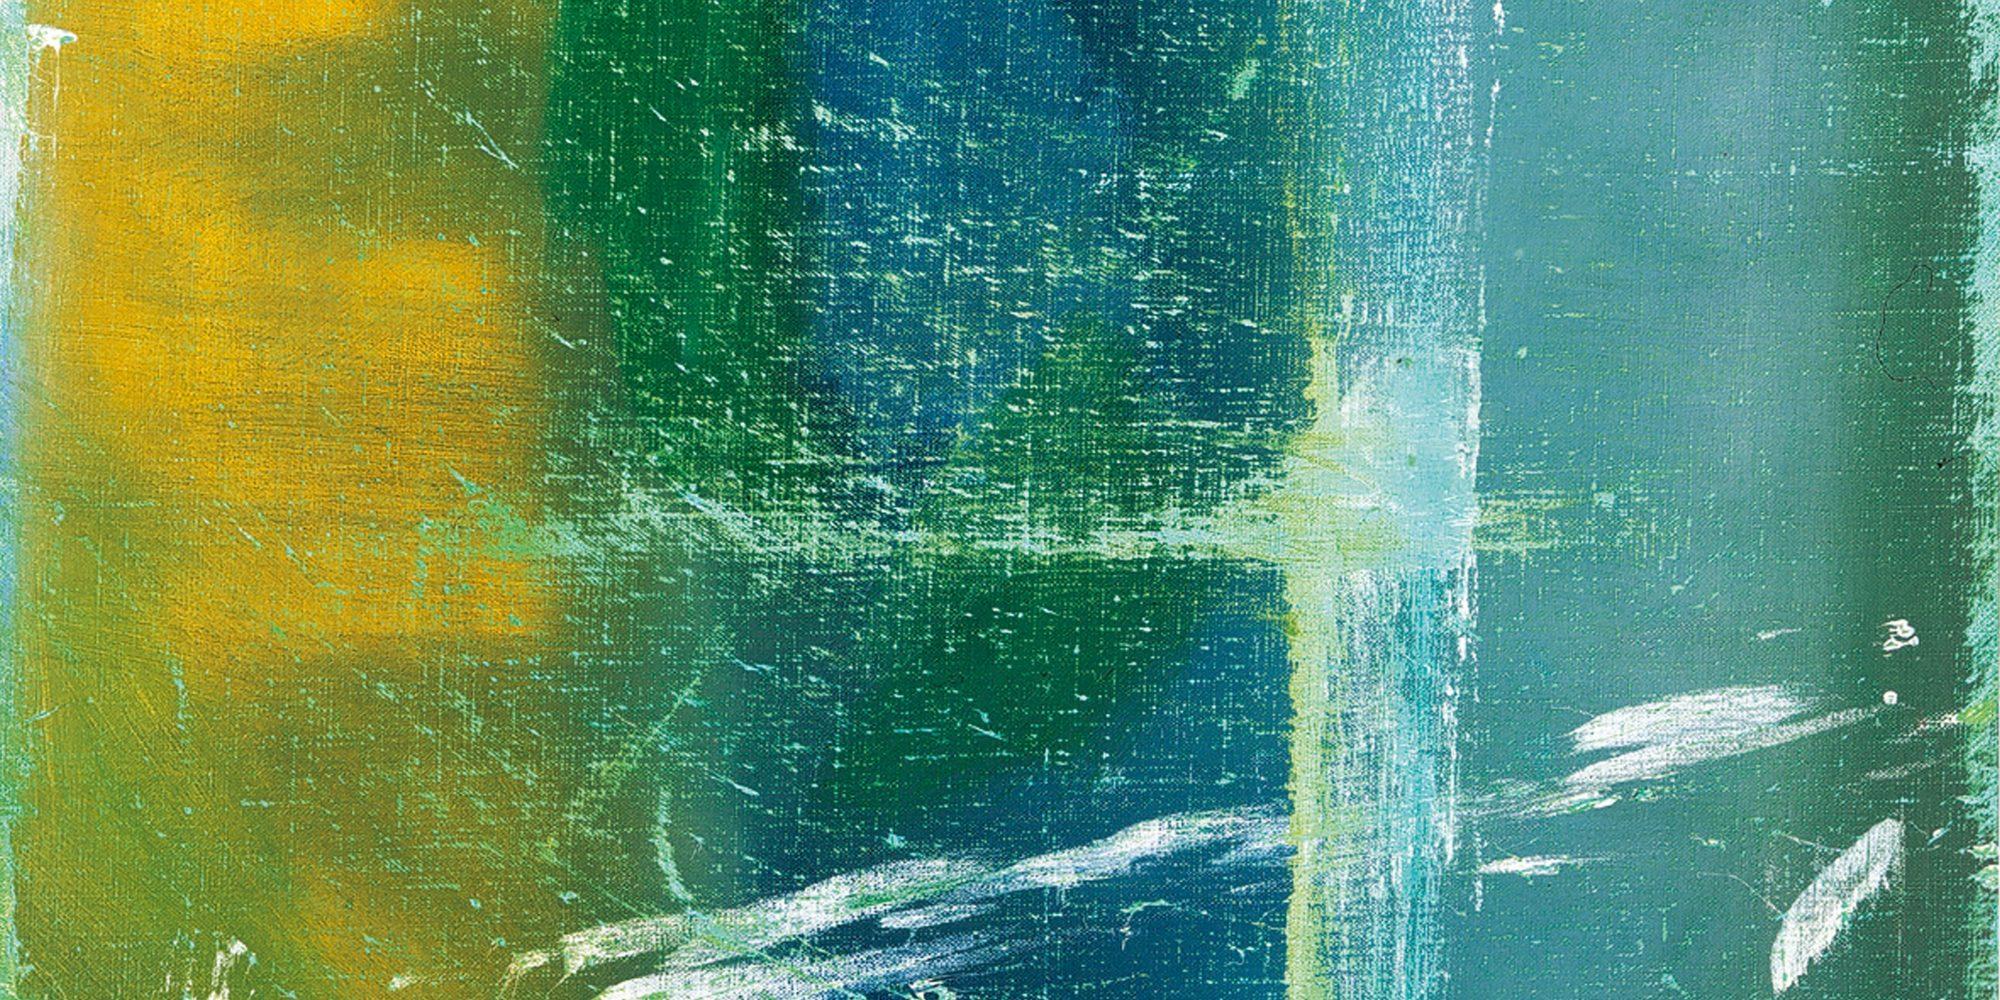 Raoul De Keyser, Zinkend (Luc), 1982-83, Öl auf Leinwand, 65 x 54 cm, Privatsammlung © Familie Raoul De Keyser | SABAM Belgien 2018, Foto: Hilde D'haeyere